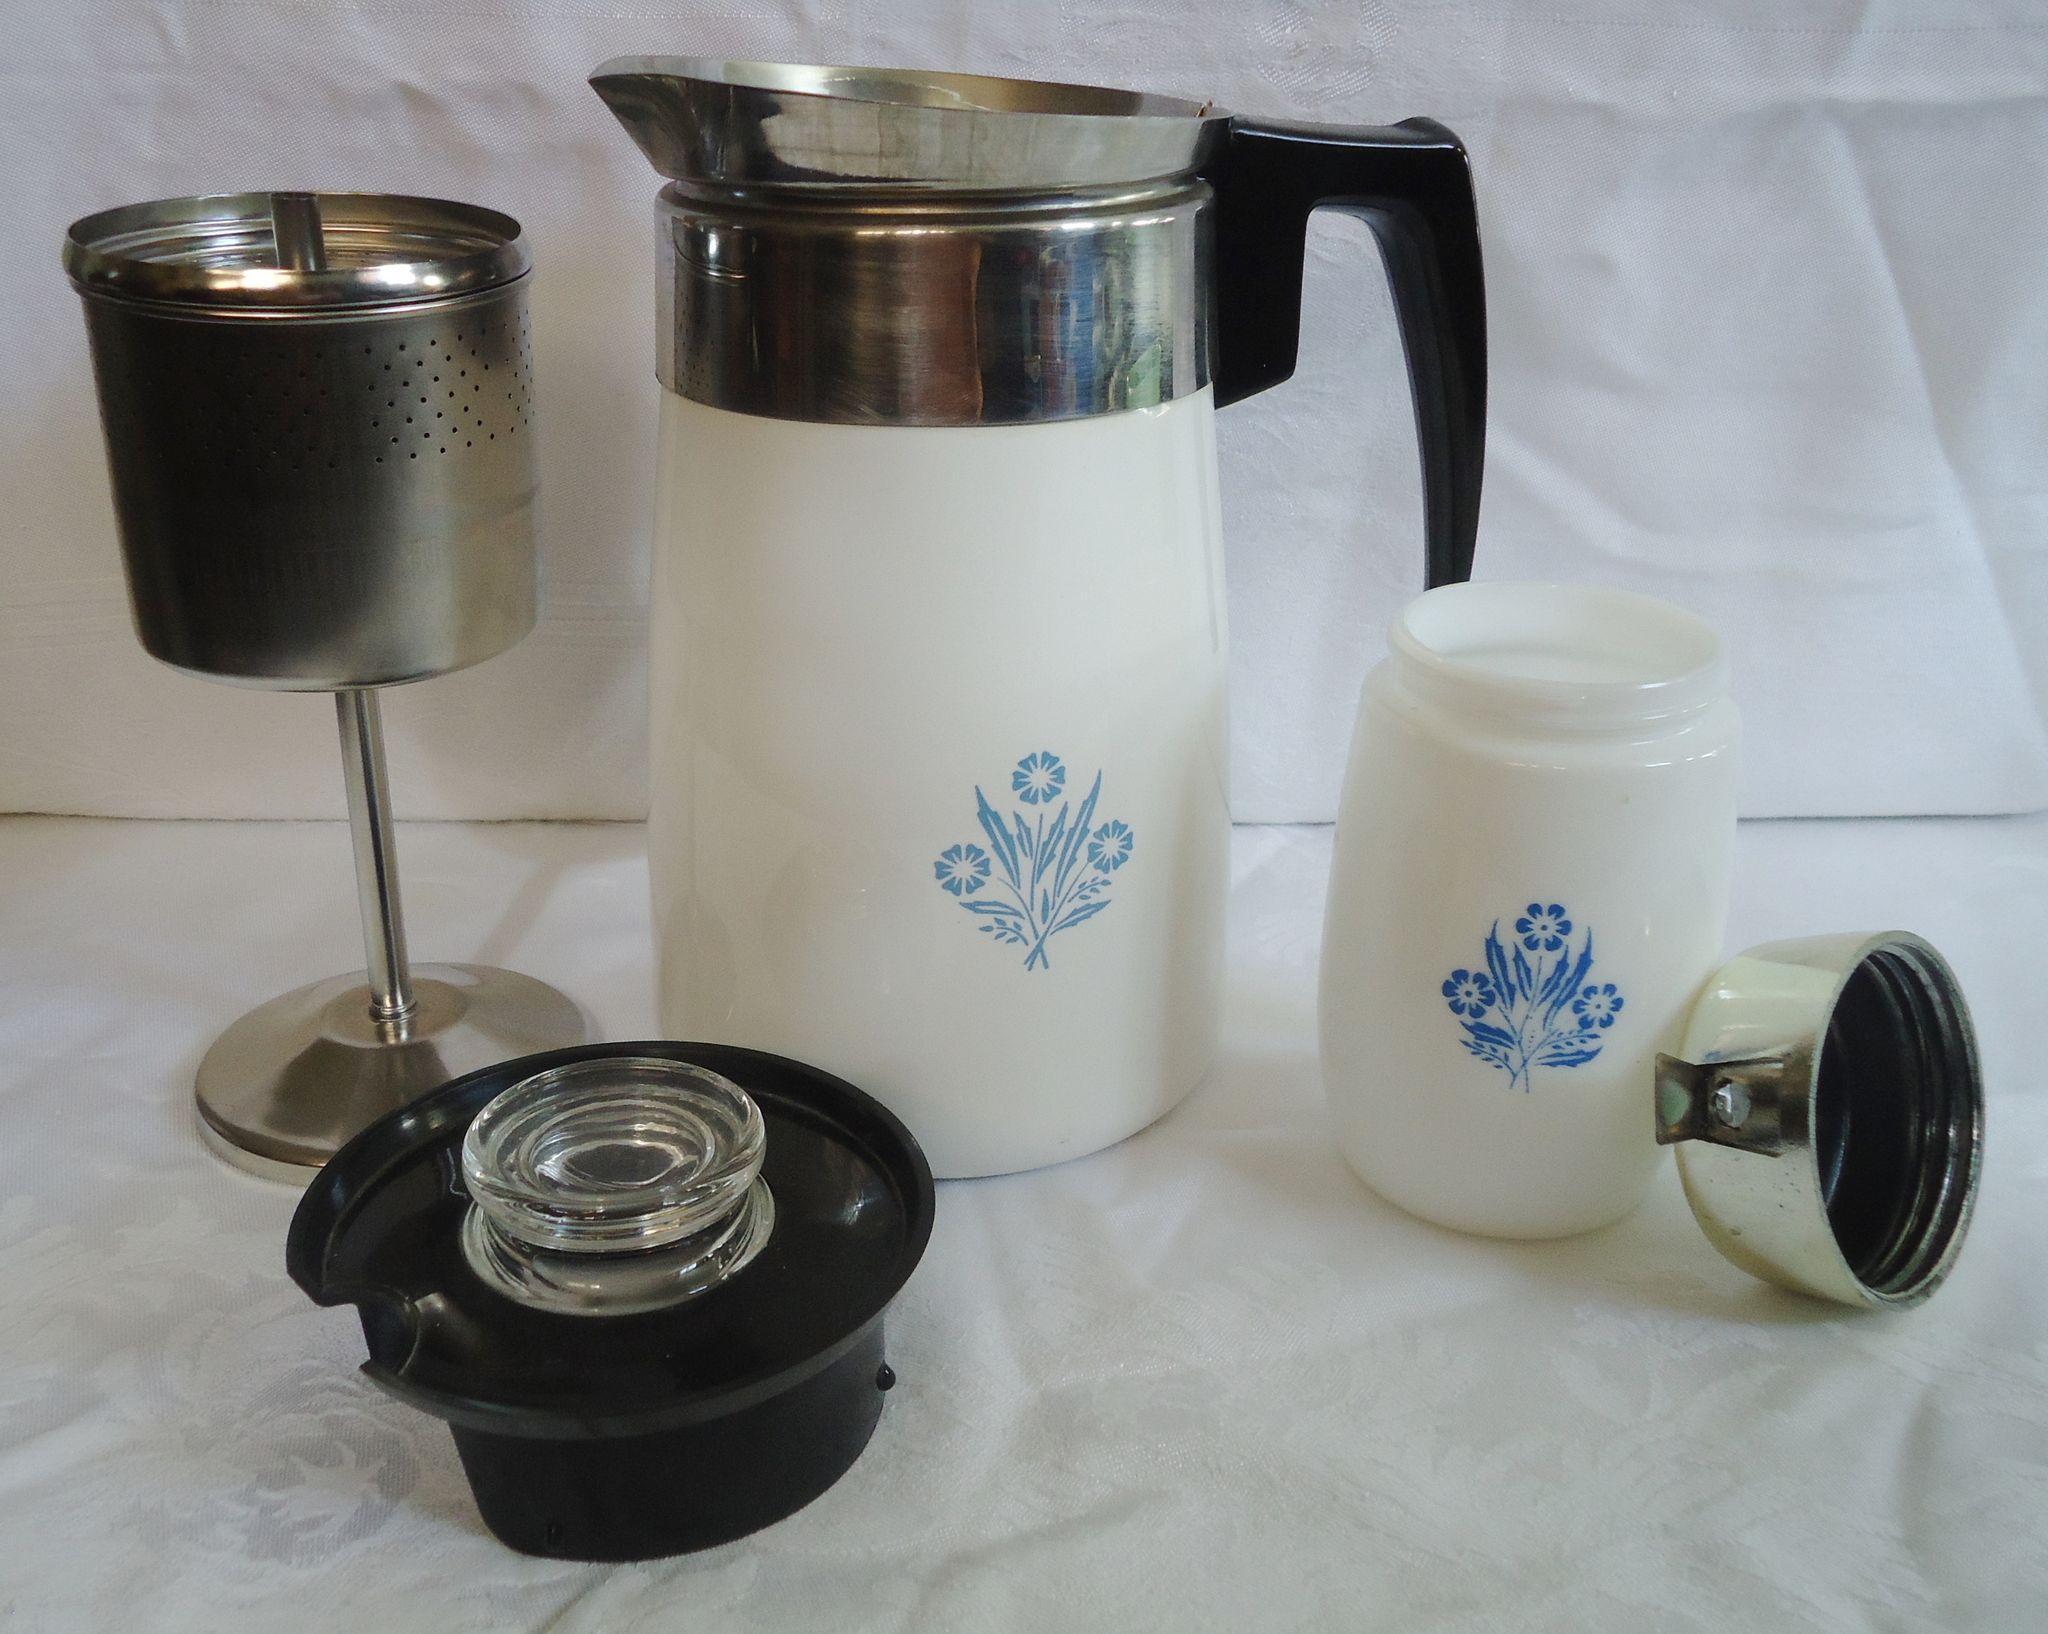 Corning Ware Stove Top Coffee Percolator Sweetcandy